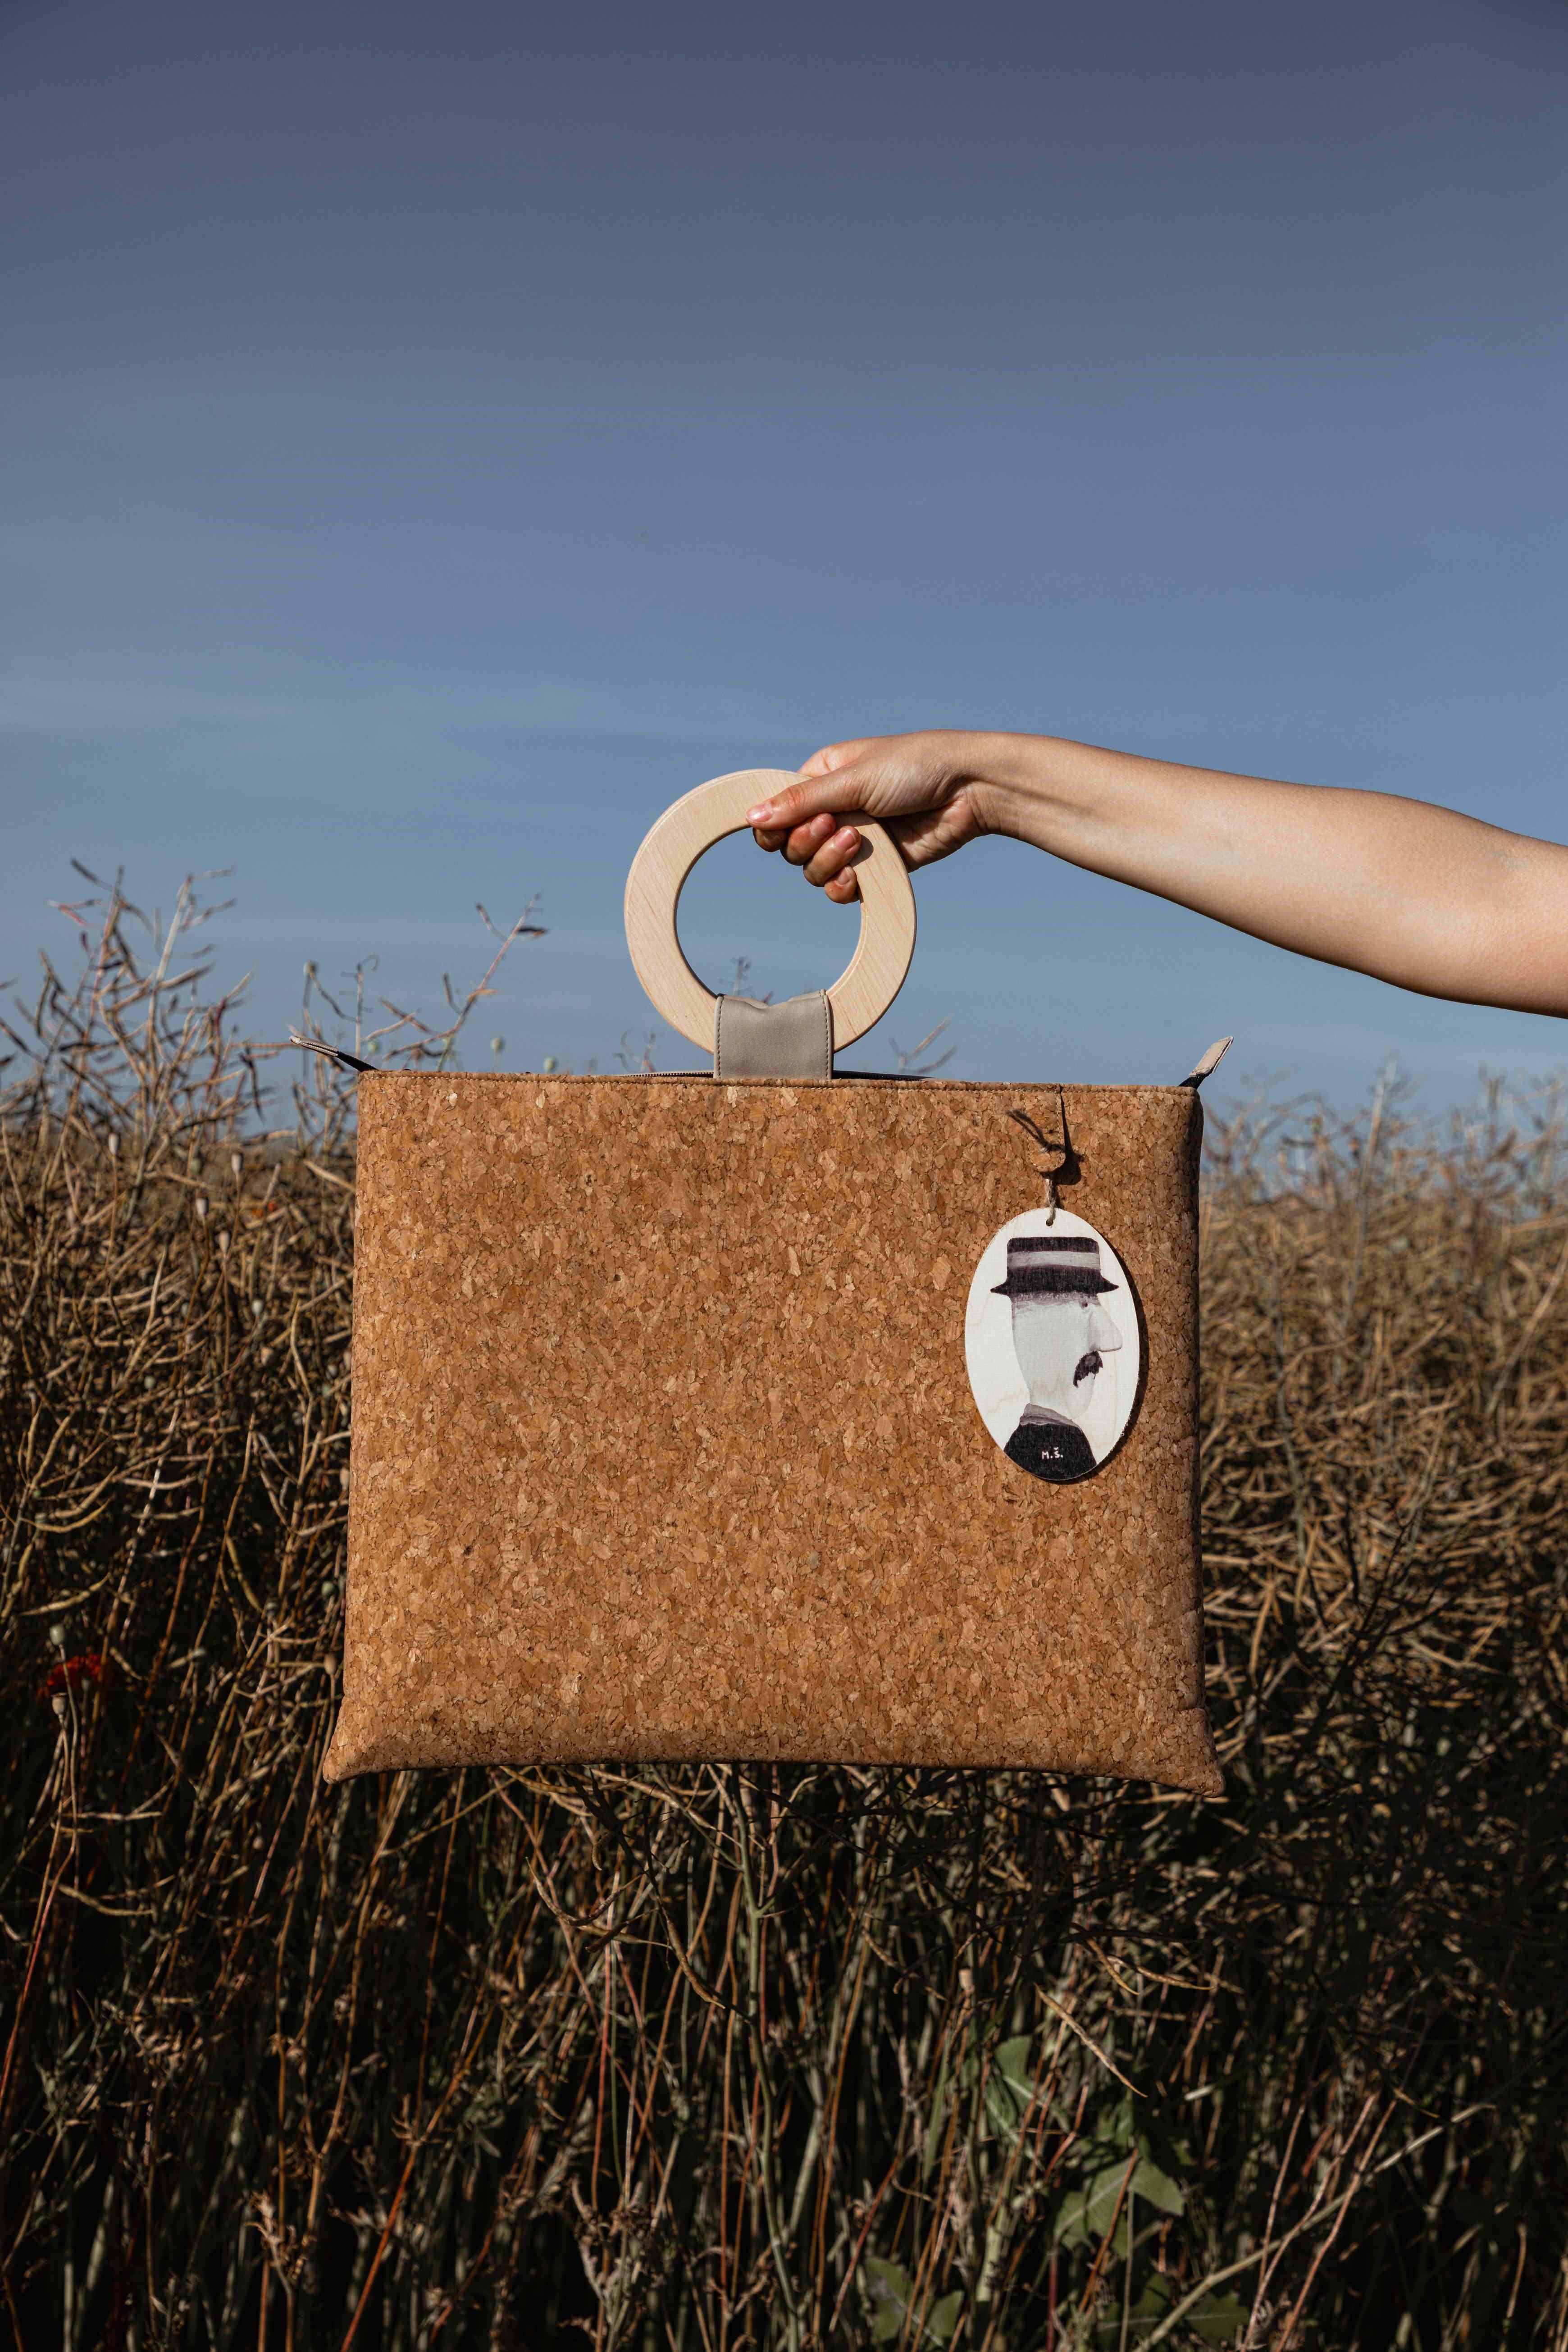 Domaći brand ženskih torbi MIKO predstavio je novu kolekciju SAND